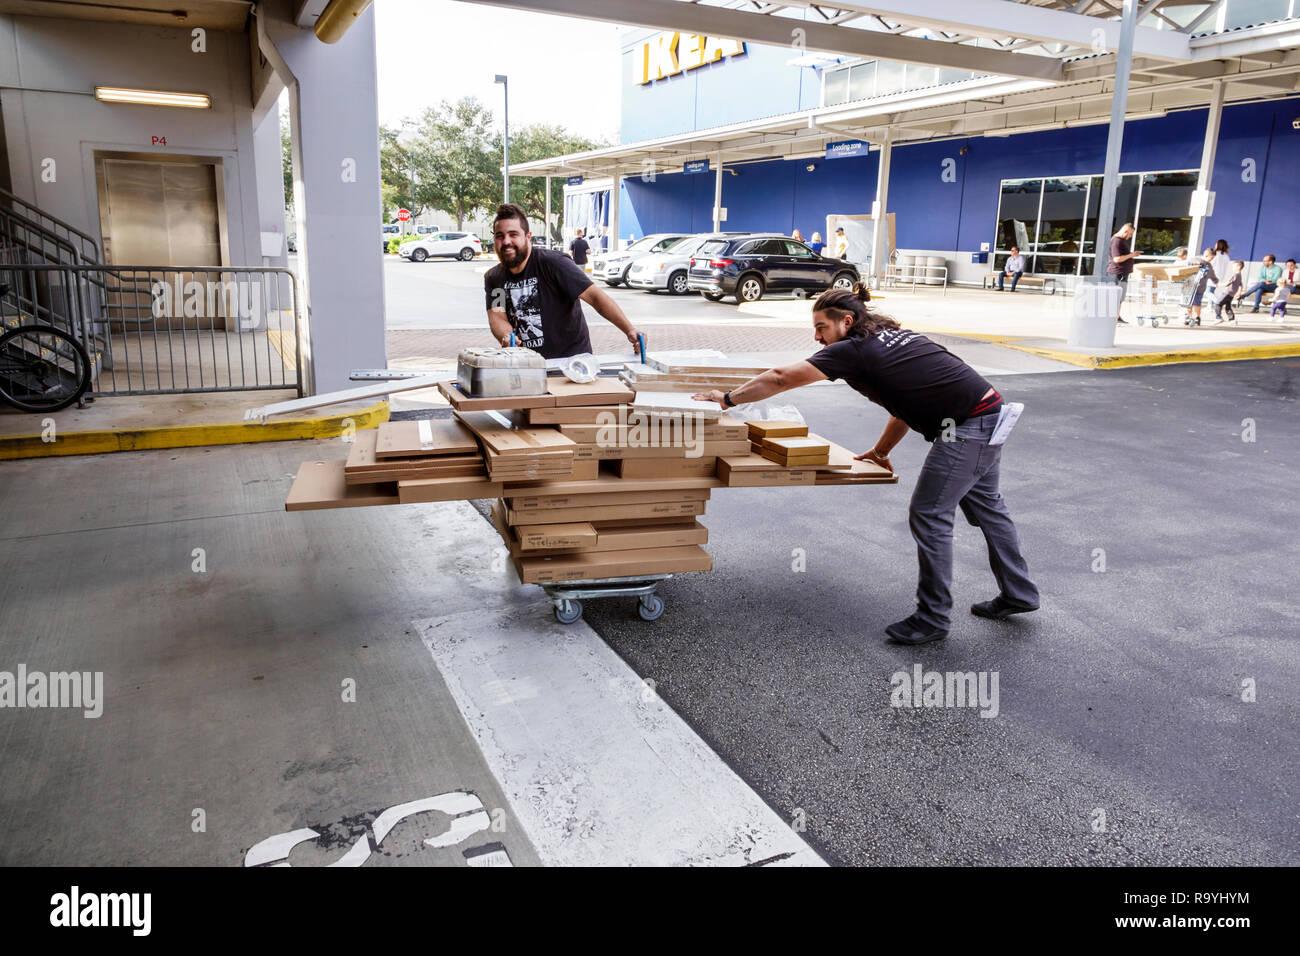 Fort Ft. Lauderdale Sunrise en Floride Les meubles IKEA meubles accessoires à l'intérieur de l'homme achat panier d'achats Photo Stock